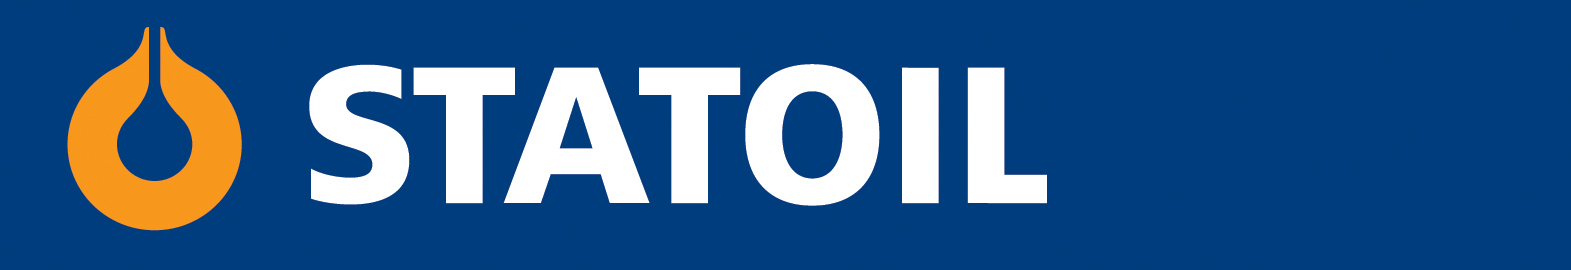 Statoil_logo_RGB